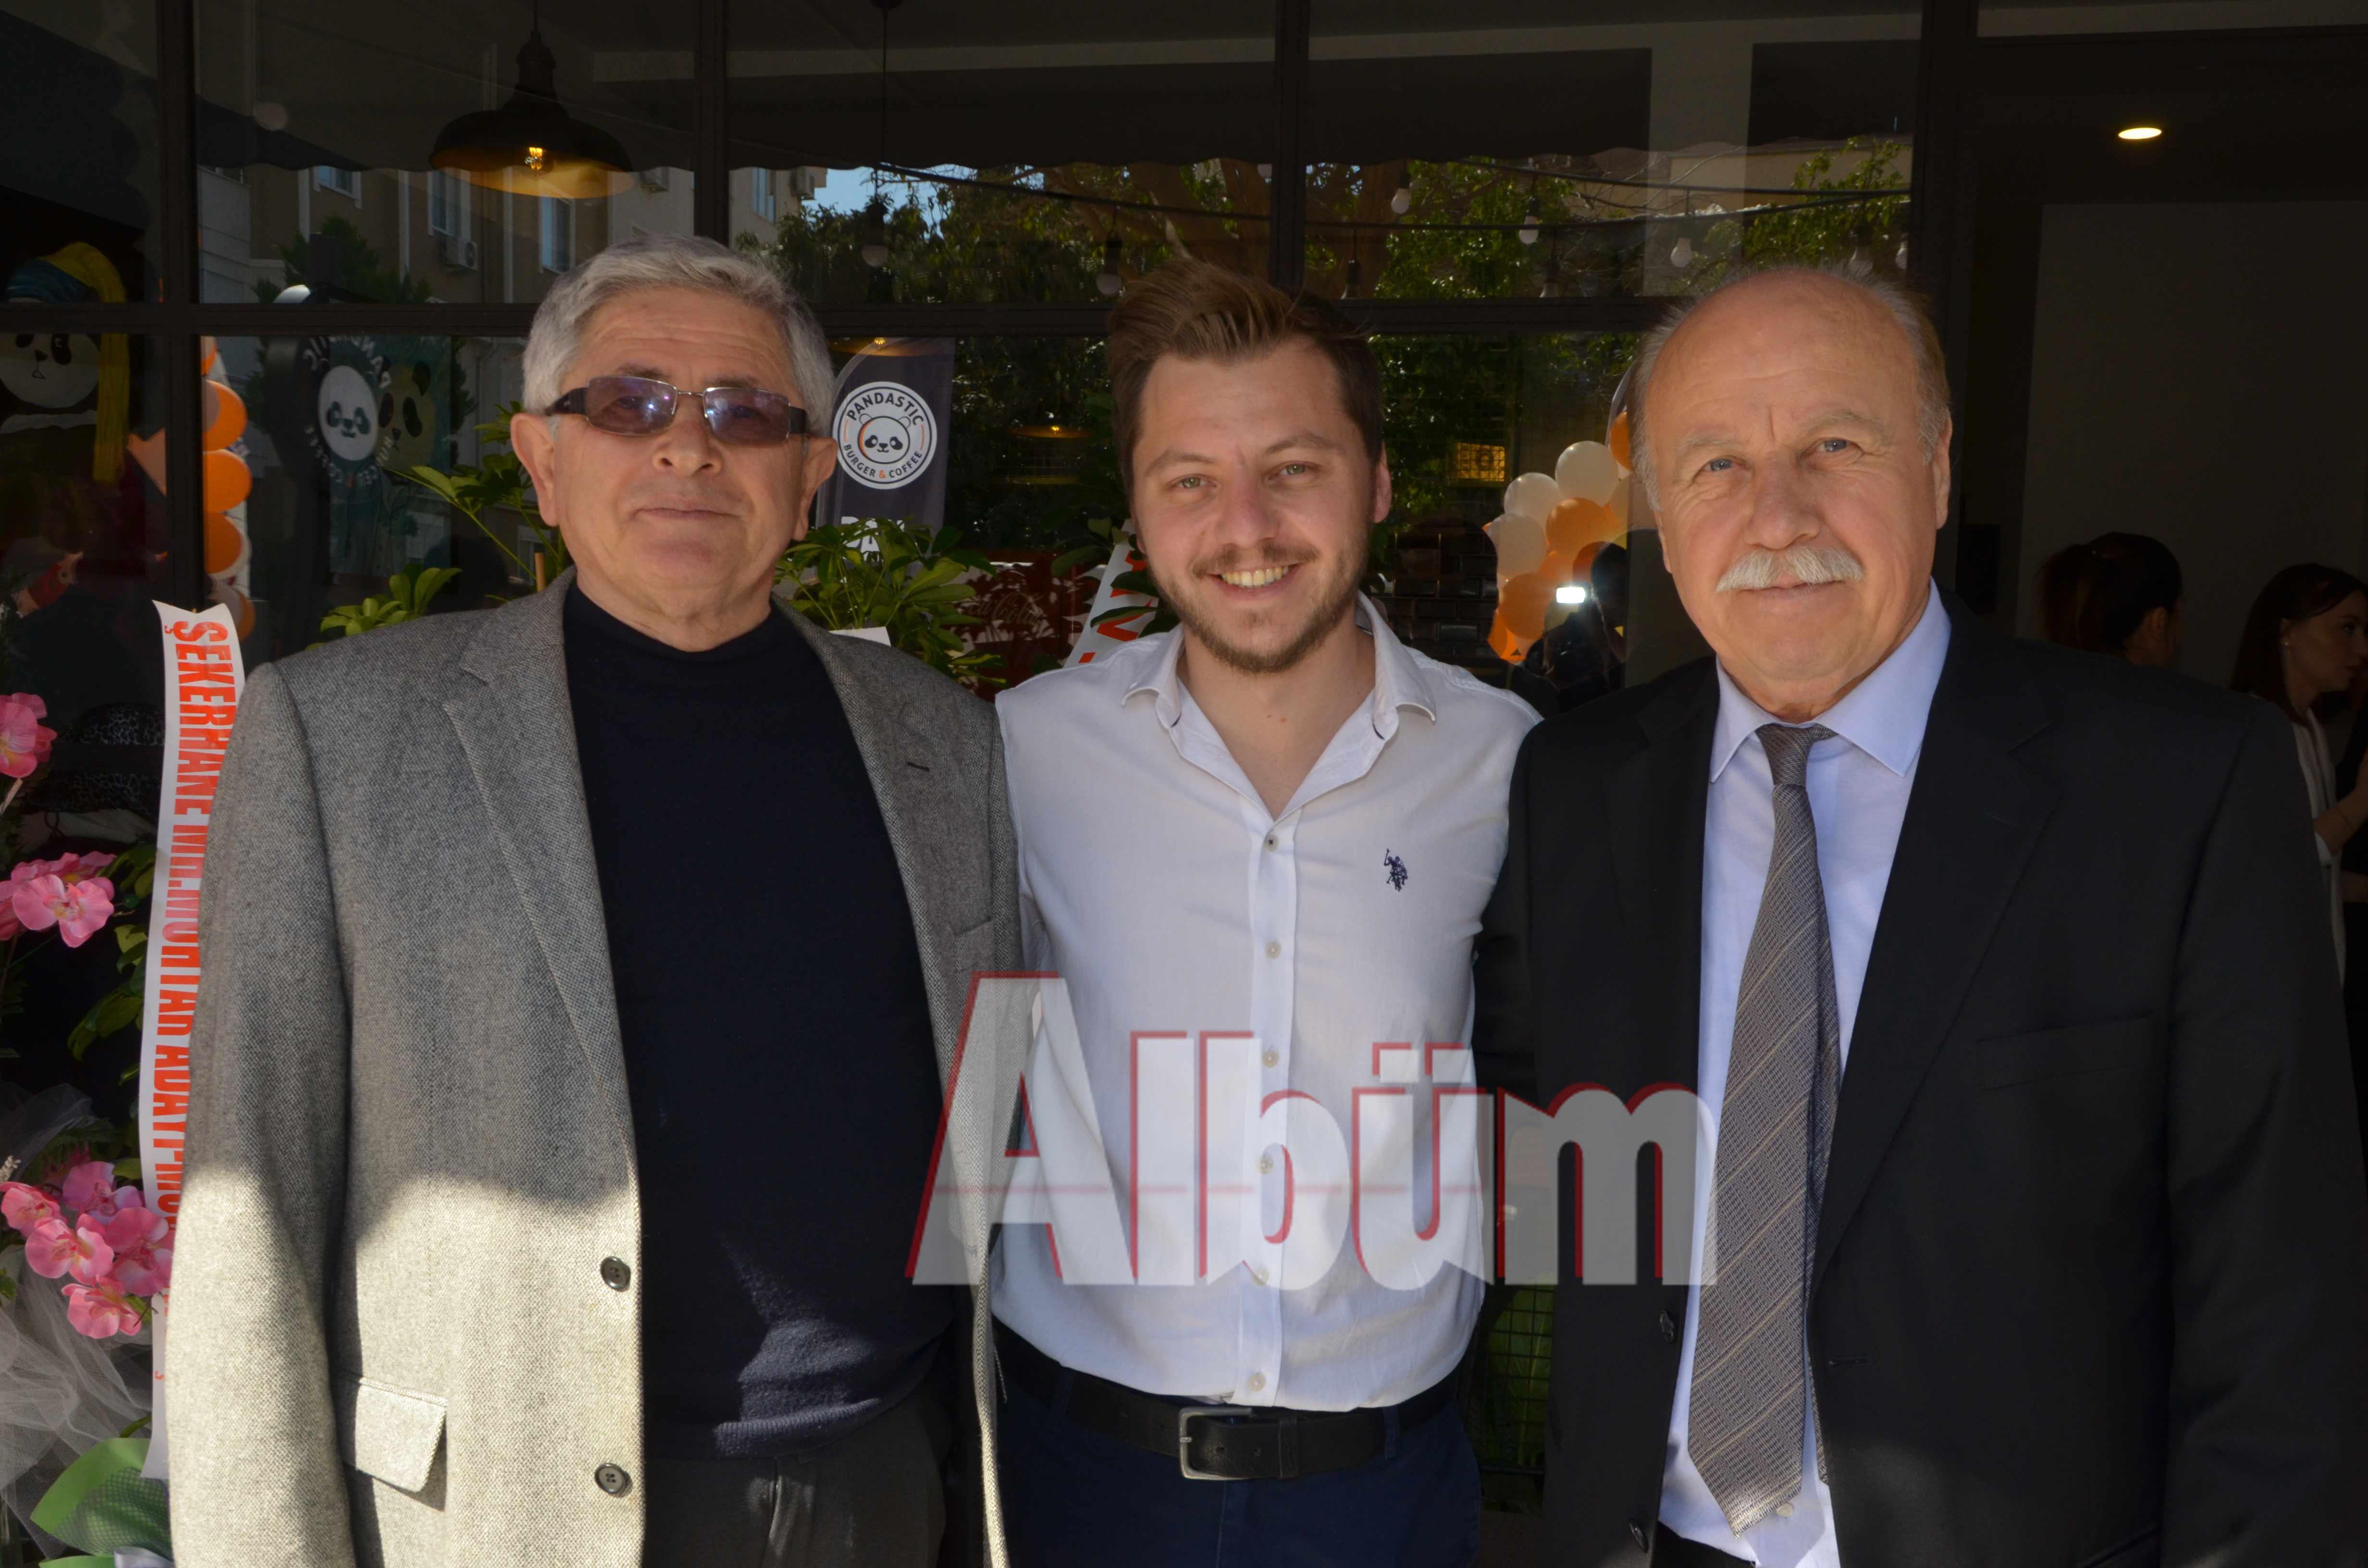 Mehmet Kan, Serdar Çağırıcı, Kerim Çağırıcı.